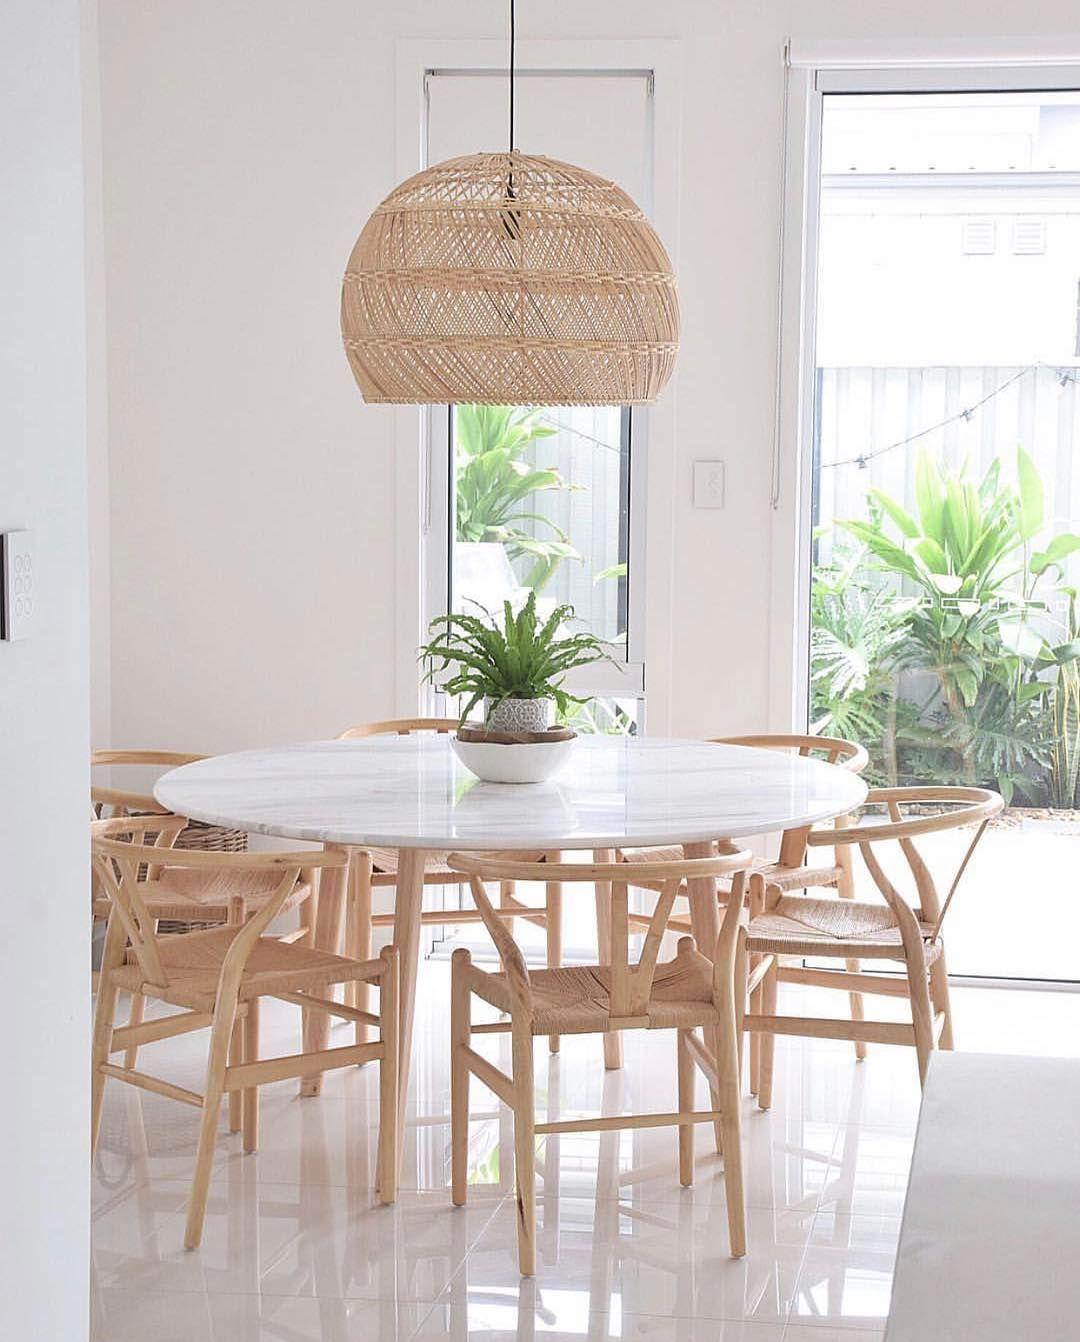 Mobel Von Harpers Project Auf Instagram Wunderschoner Essbereich Mit Naturlichem Licht Und In 2020 Esstisch Dekor Speisezimmereinrichtung Runder Esstisch